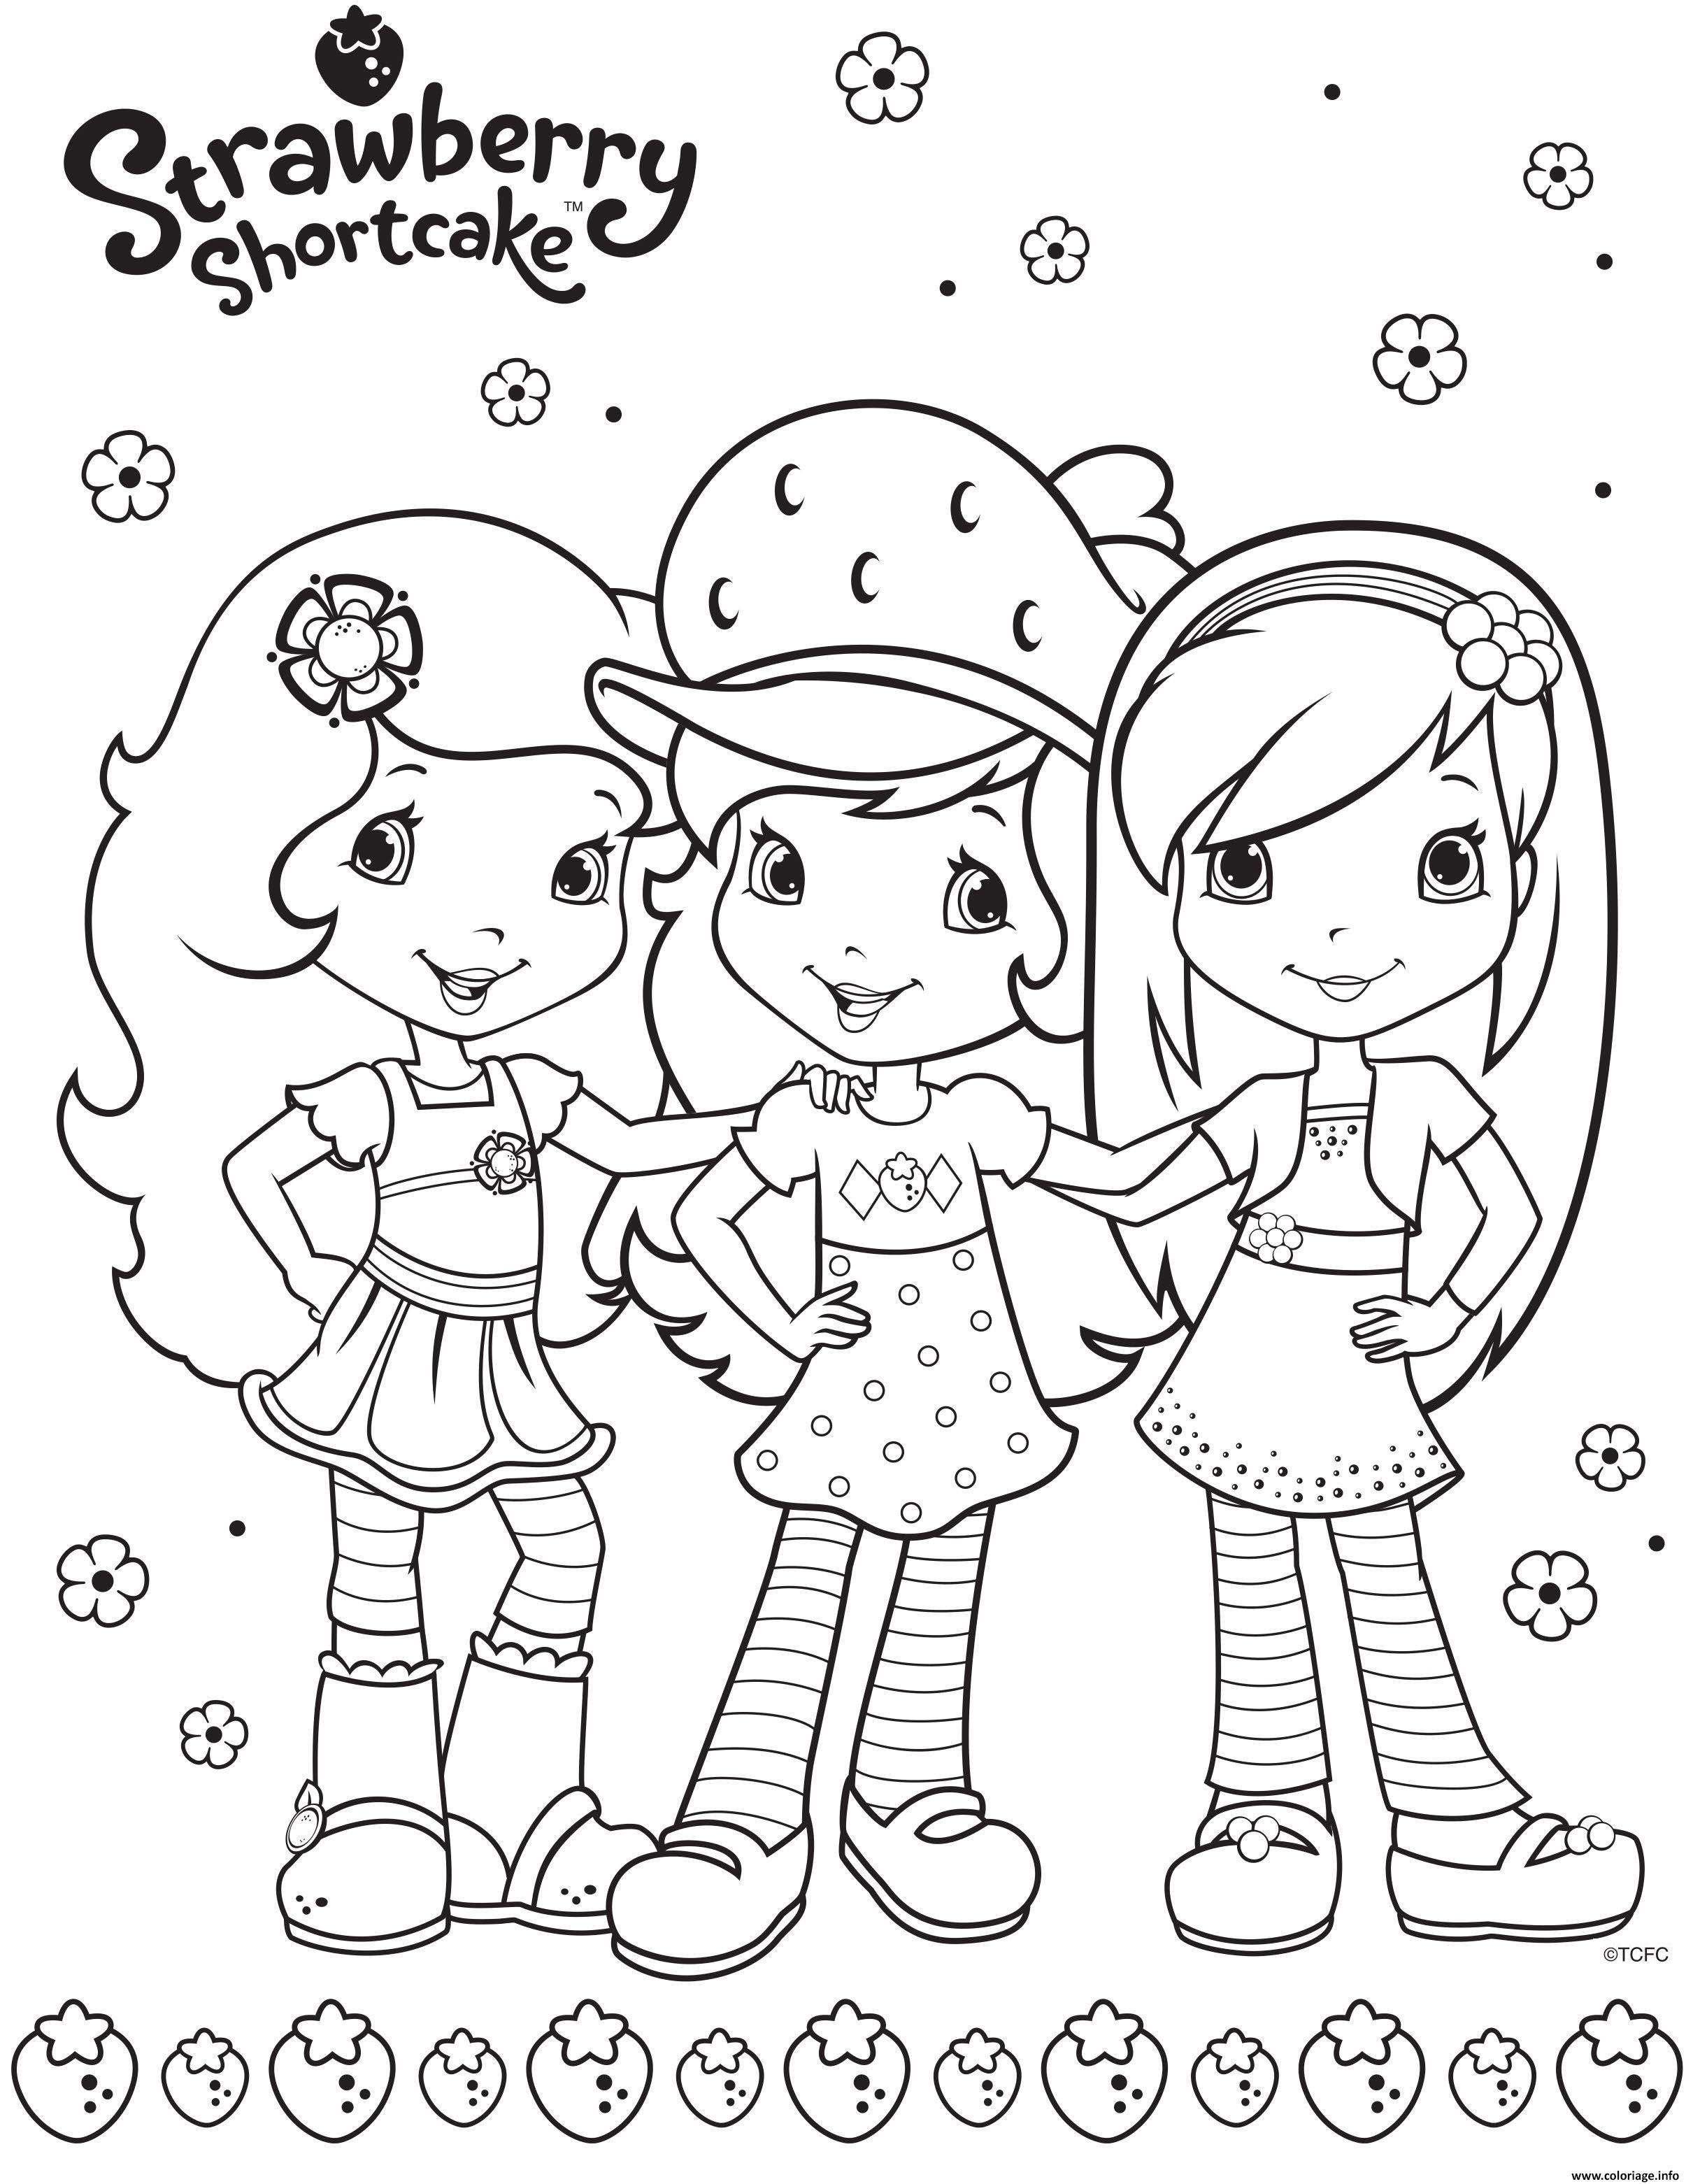 Dessin fraisinette et ses amies for ever Coloriage Gratuit à Imprimer